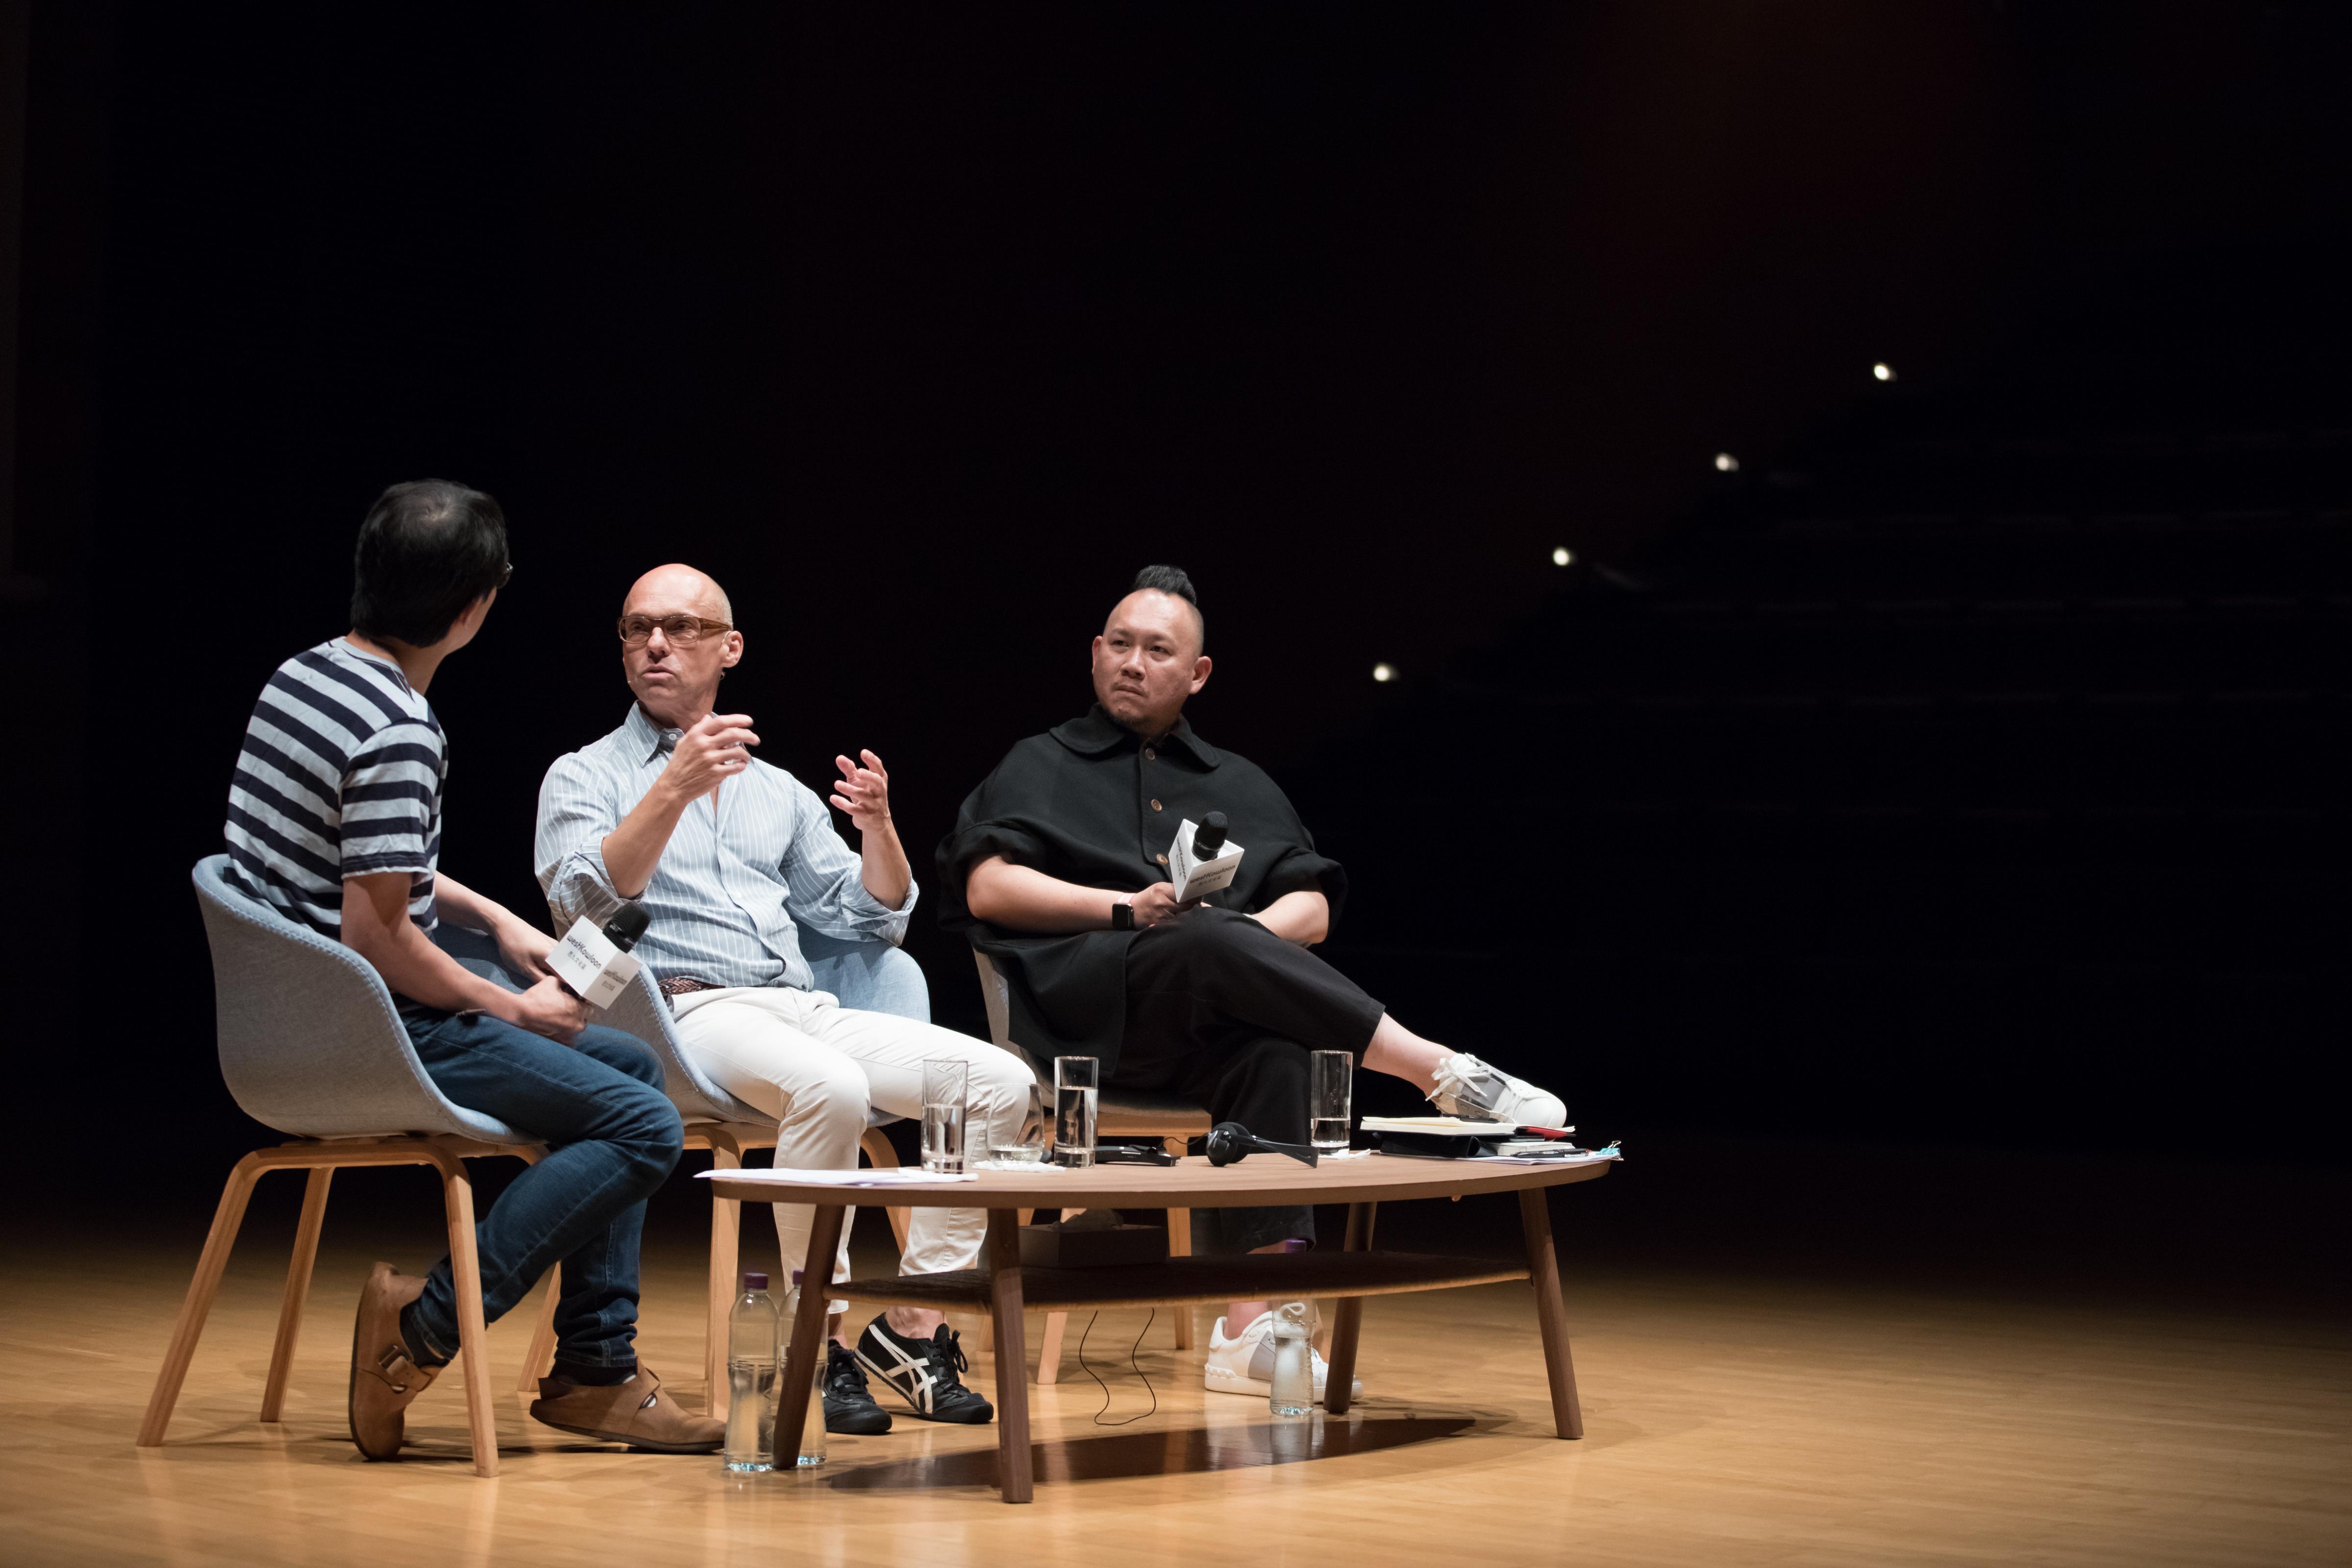 恩.瓦斯維費爾德、林奕華和西九文化區管理局表演藝術主管(戲劇)劉祺豐深入探討恩對作品,談及多個不同的命題。